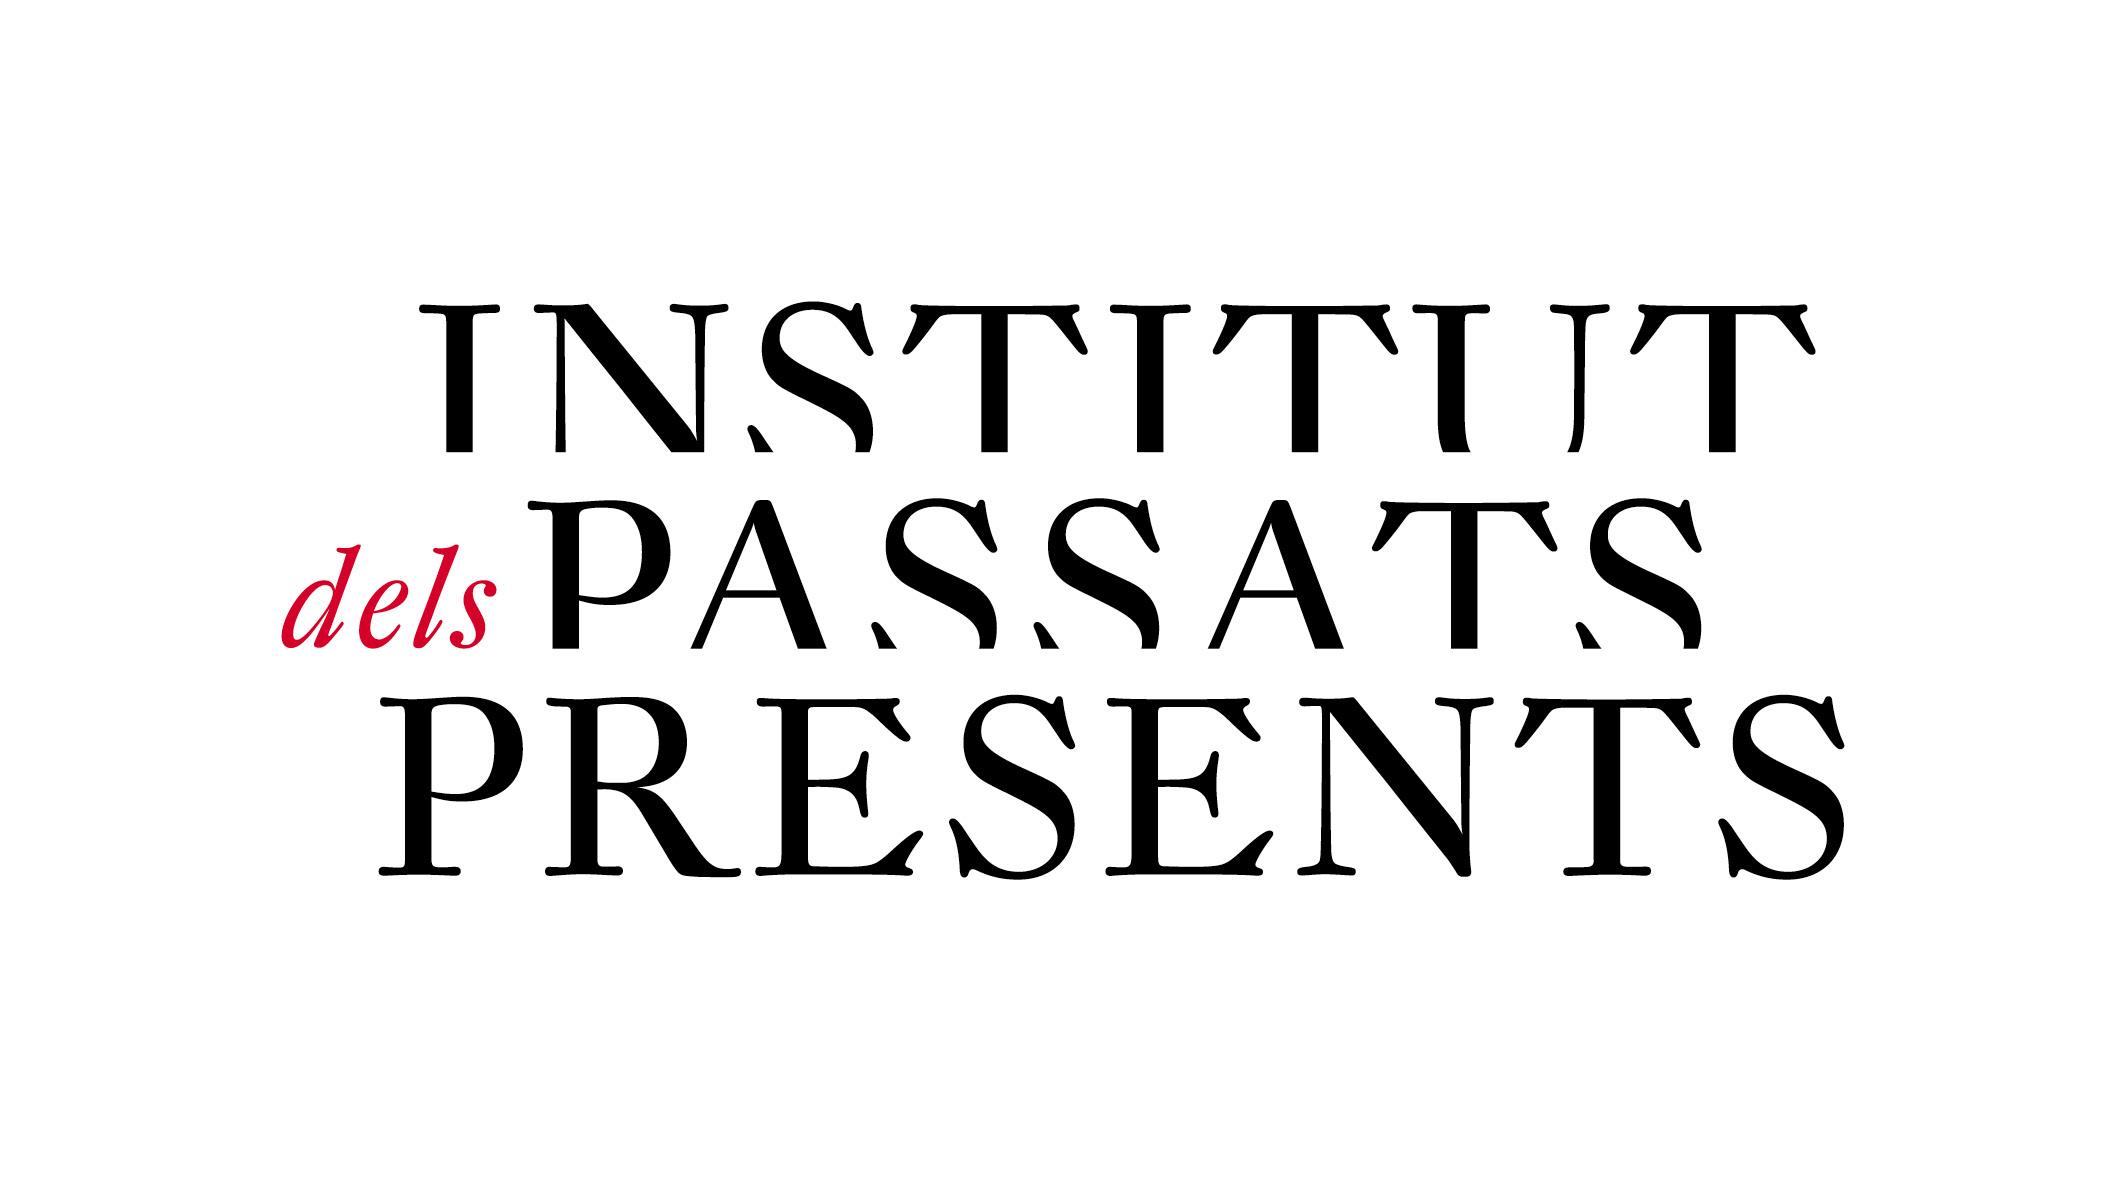 Institute of Present Pasts